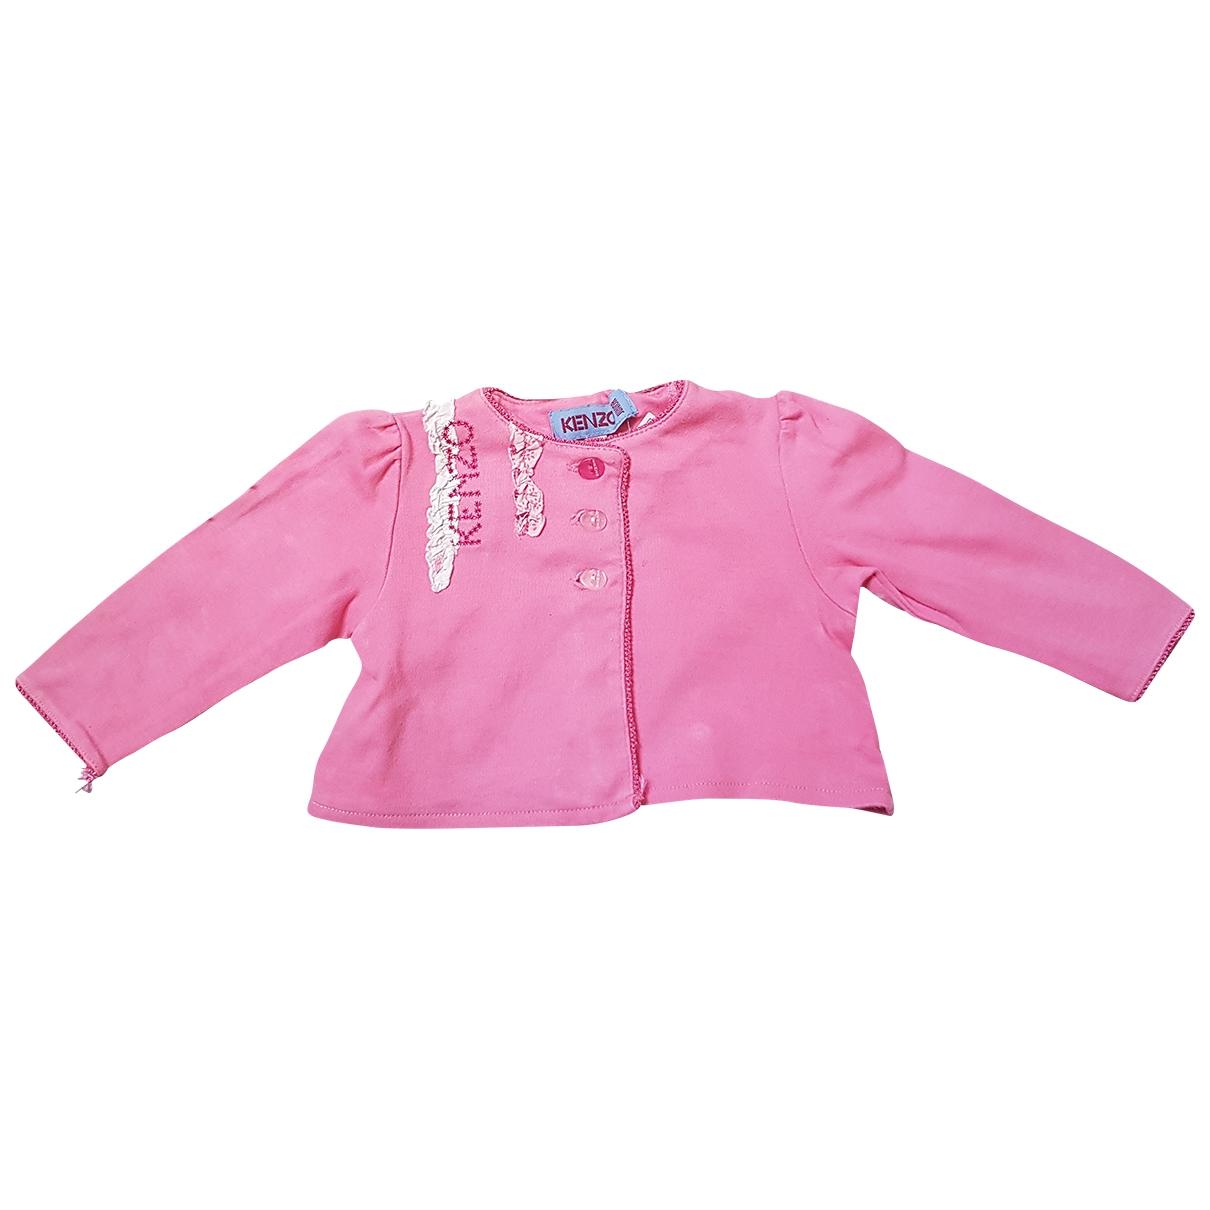 Kenzo - Pull   pour enfant en coton - rose